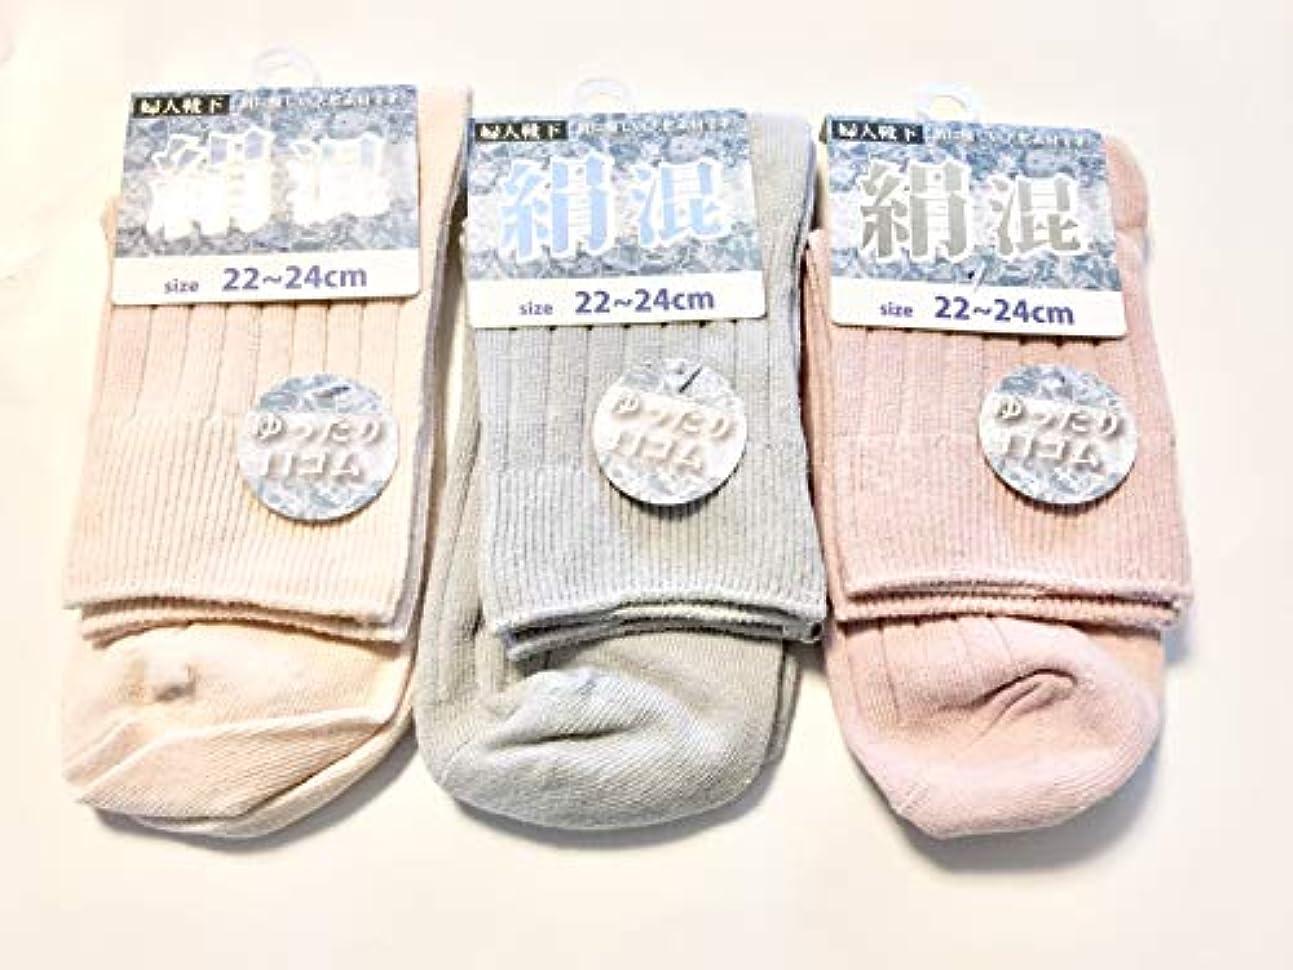 みすぼらしい下品チーター靴下 レディース シルク混 リンクスソックス 口ゴムゆったり 22-24cm 3足組(色はお任せ)